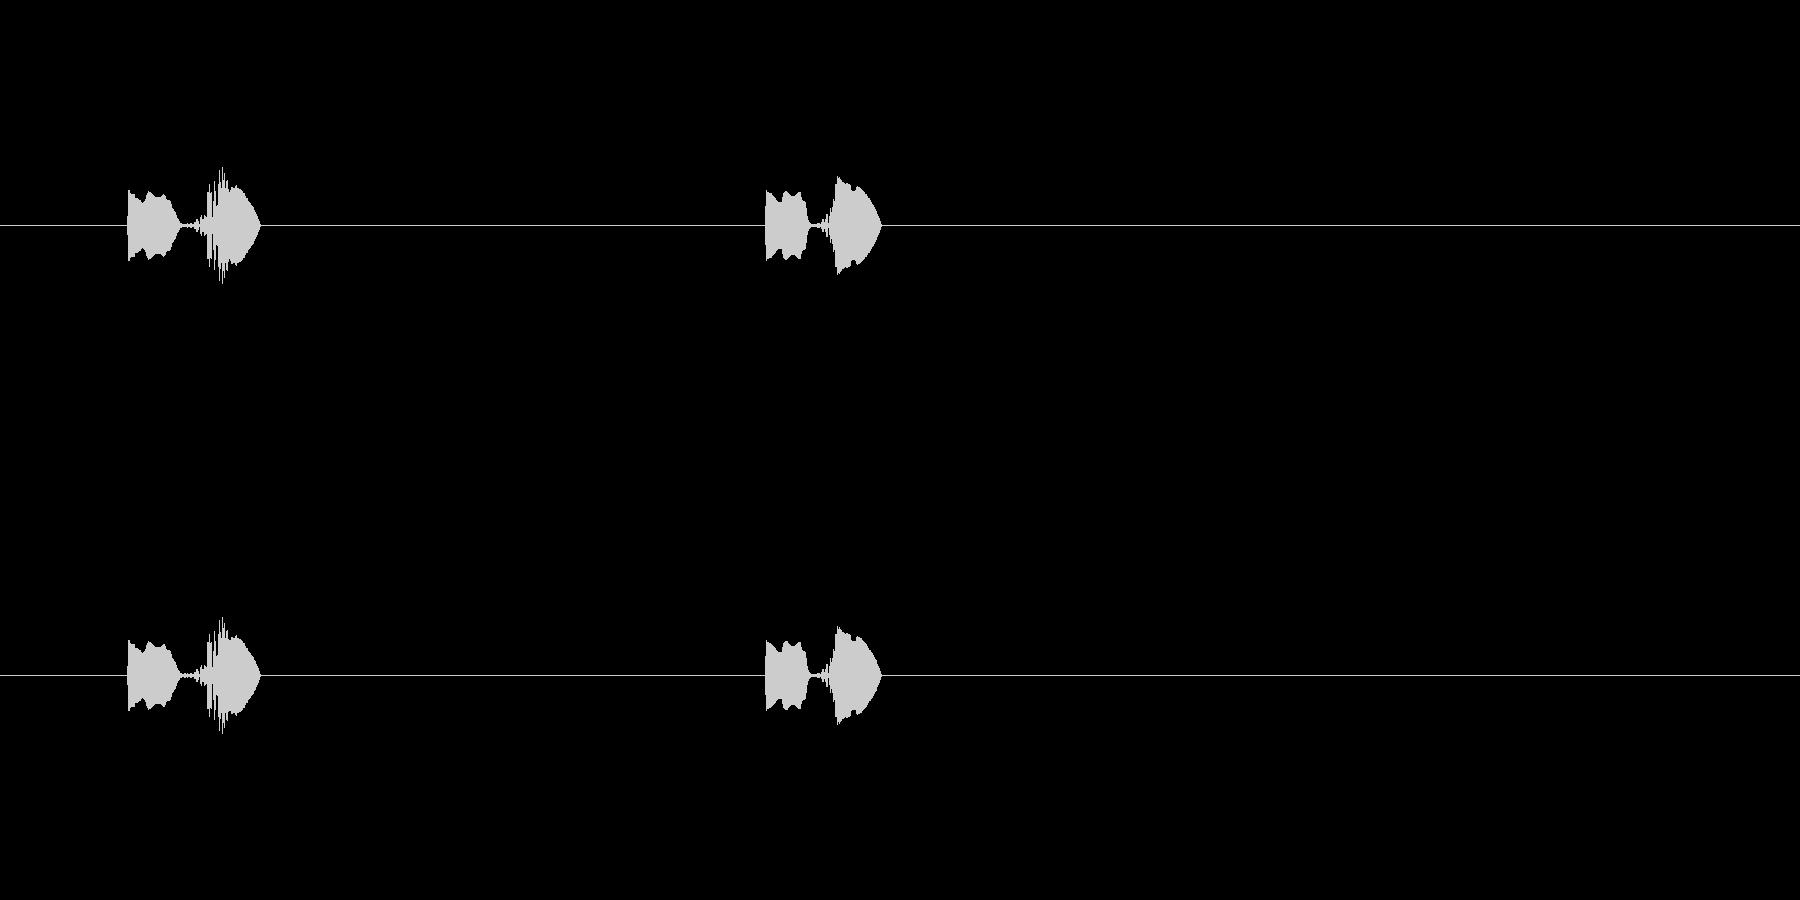 【ポップモーション32-3】の未再生の波形